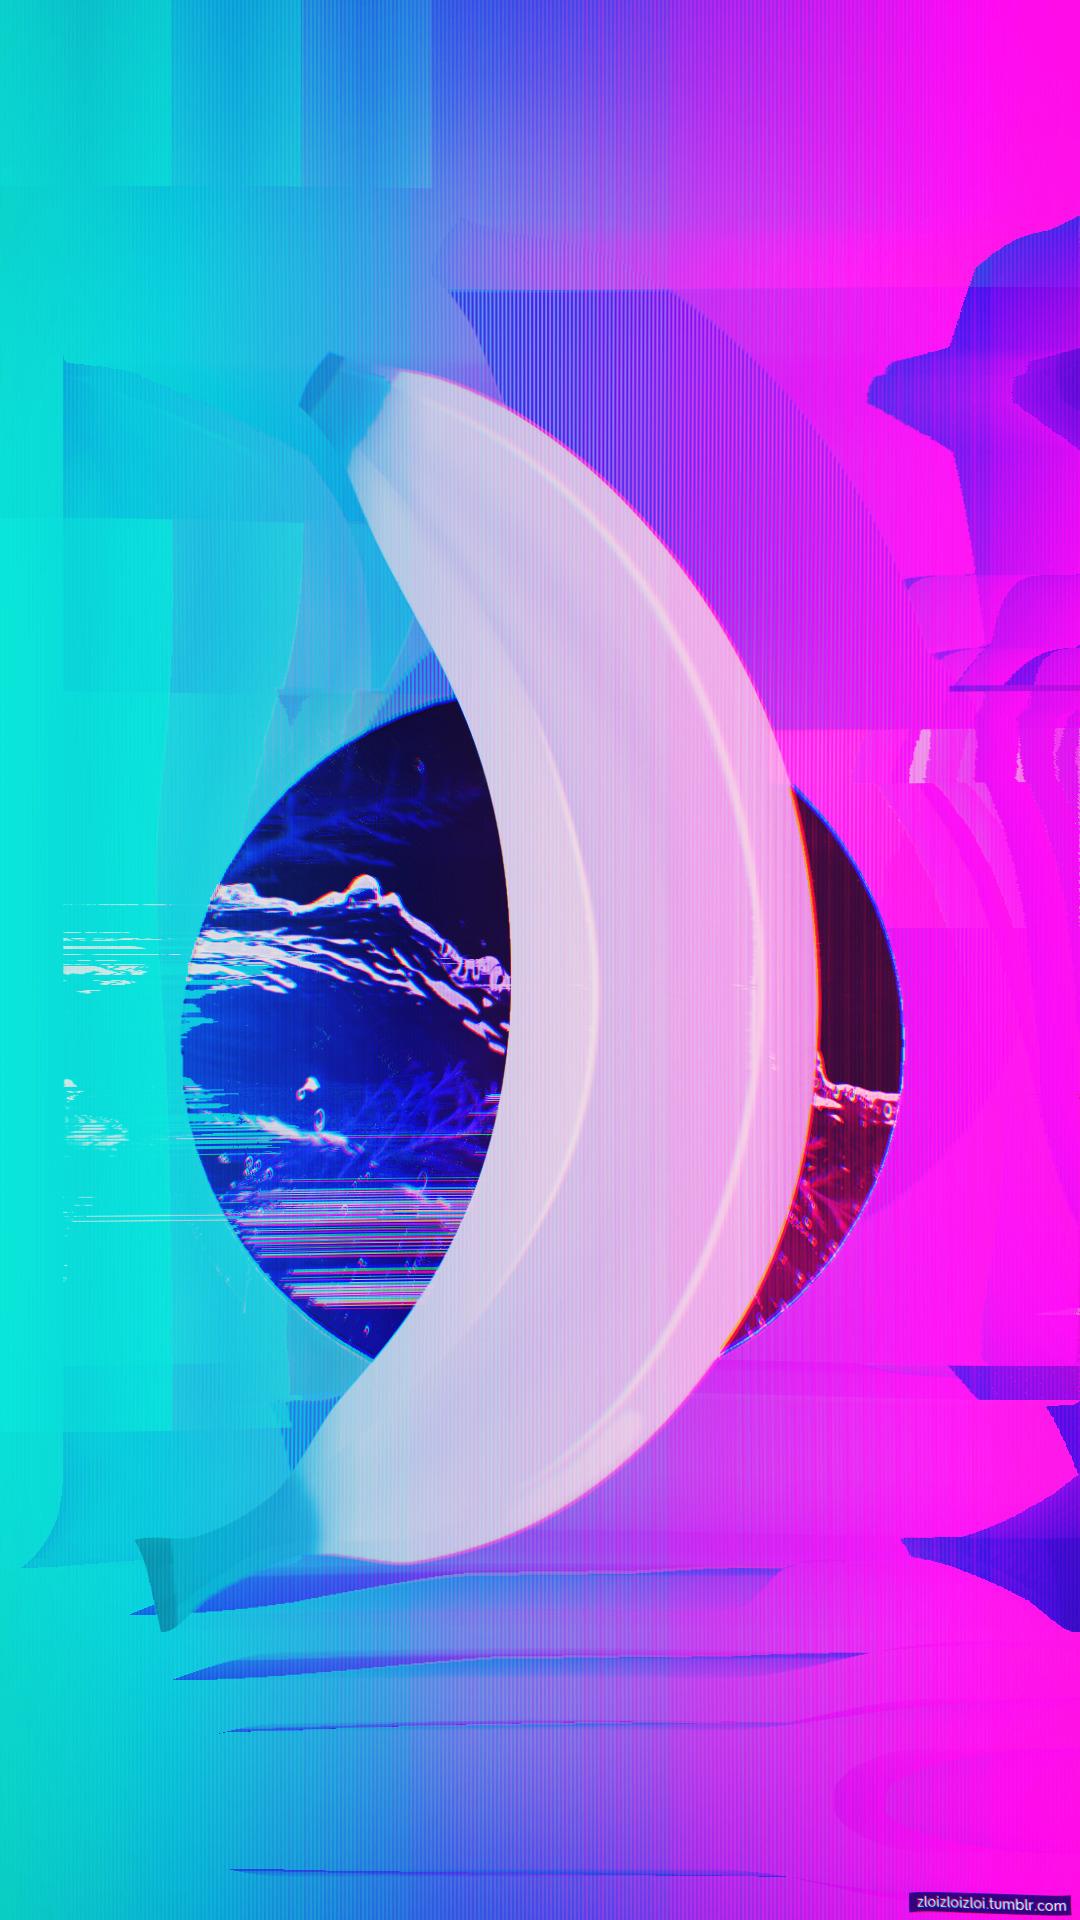 Lsd Wallpaper Iphone Glitch Art Webpunk Vaporwave Lsd Abstract Wallpapers